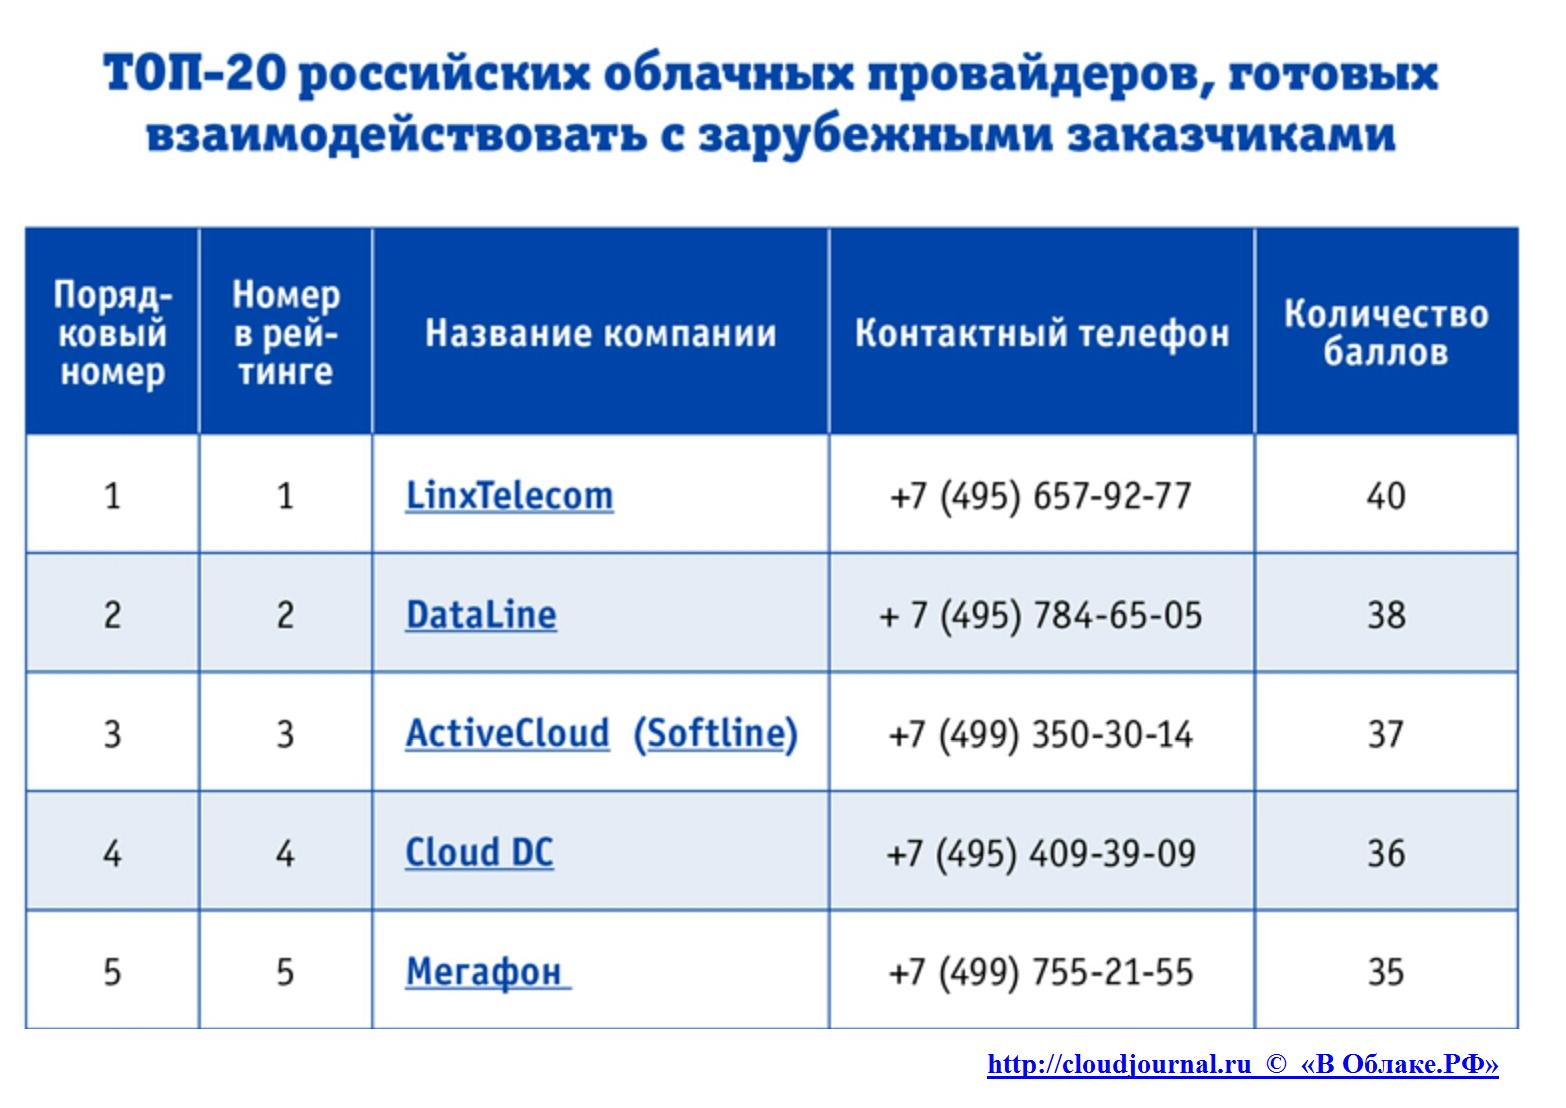 Рейтинг облачных-провайдеров России по степени готовности к взаимодействию с иностранными клиентами - 2